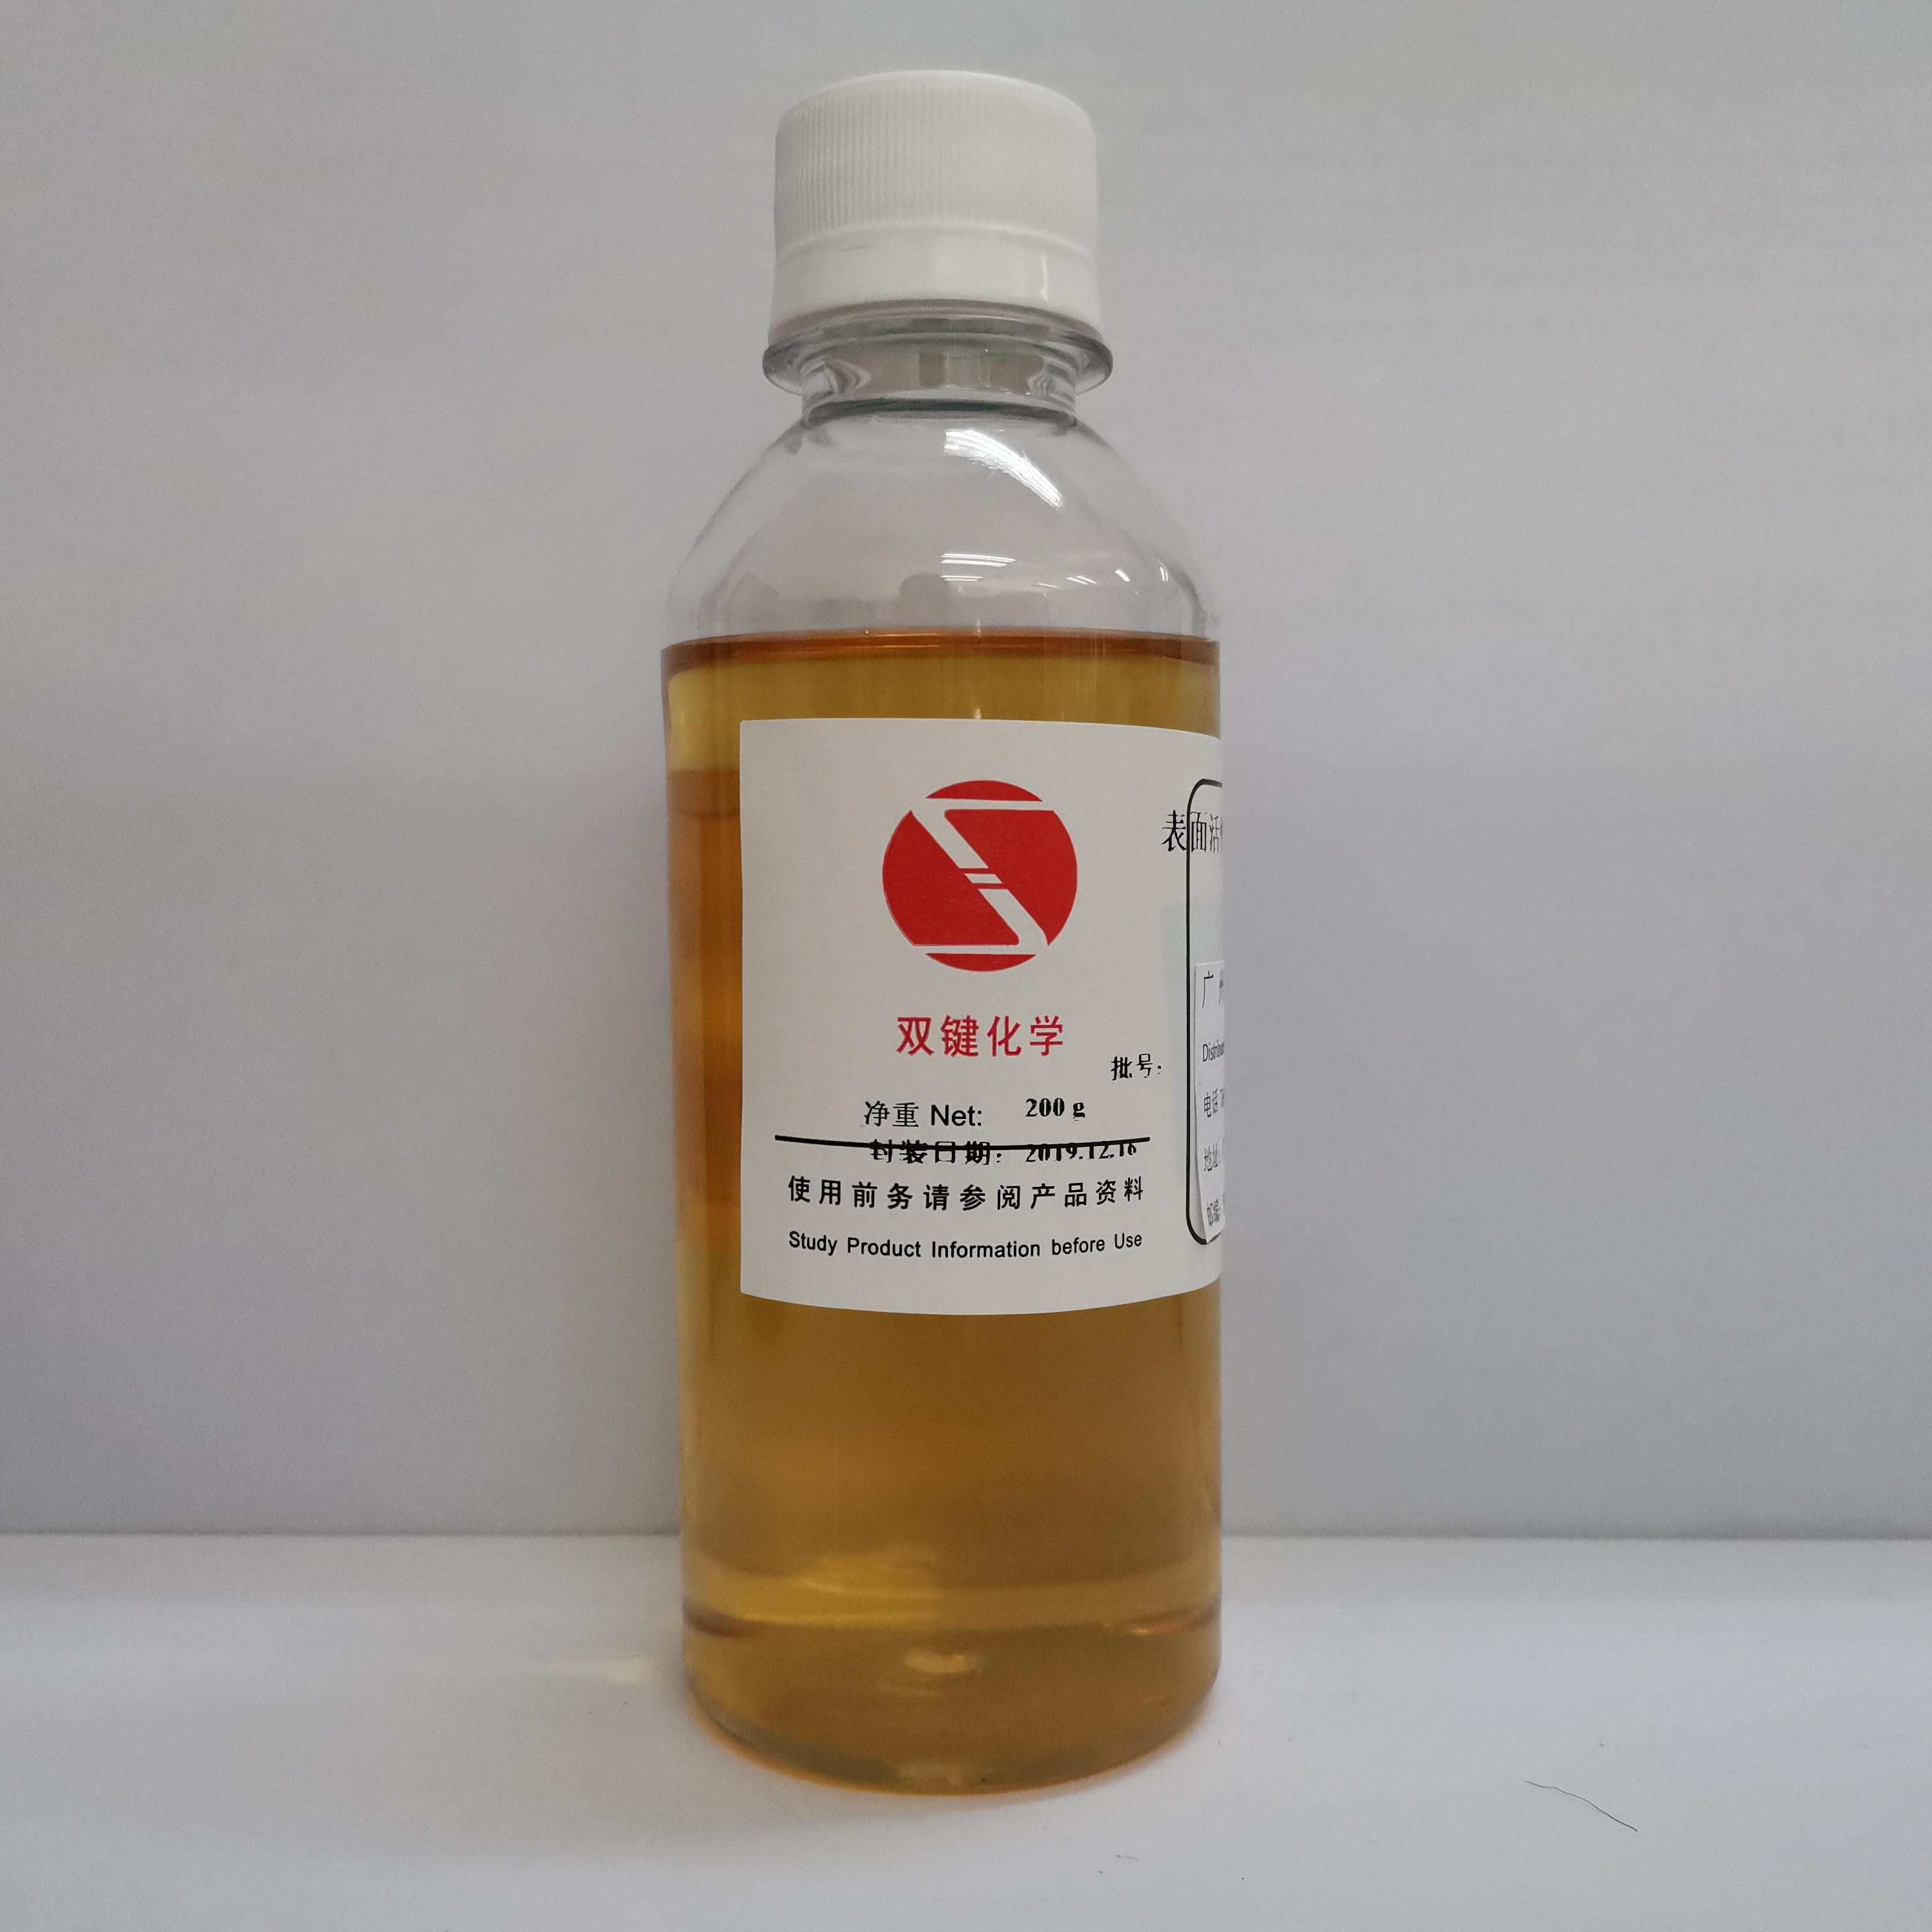 乙氧基化腰果酚磺基琥珀酸半酯二钠盐